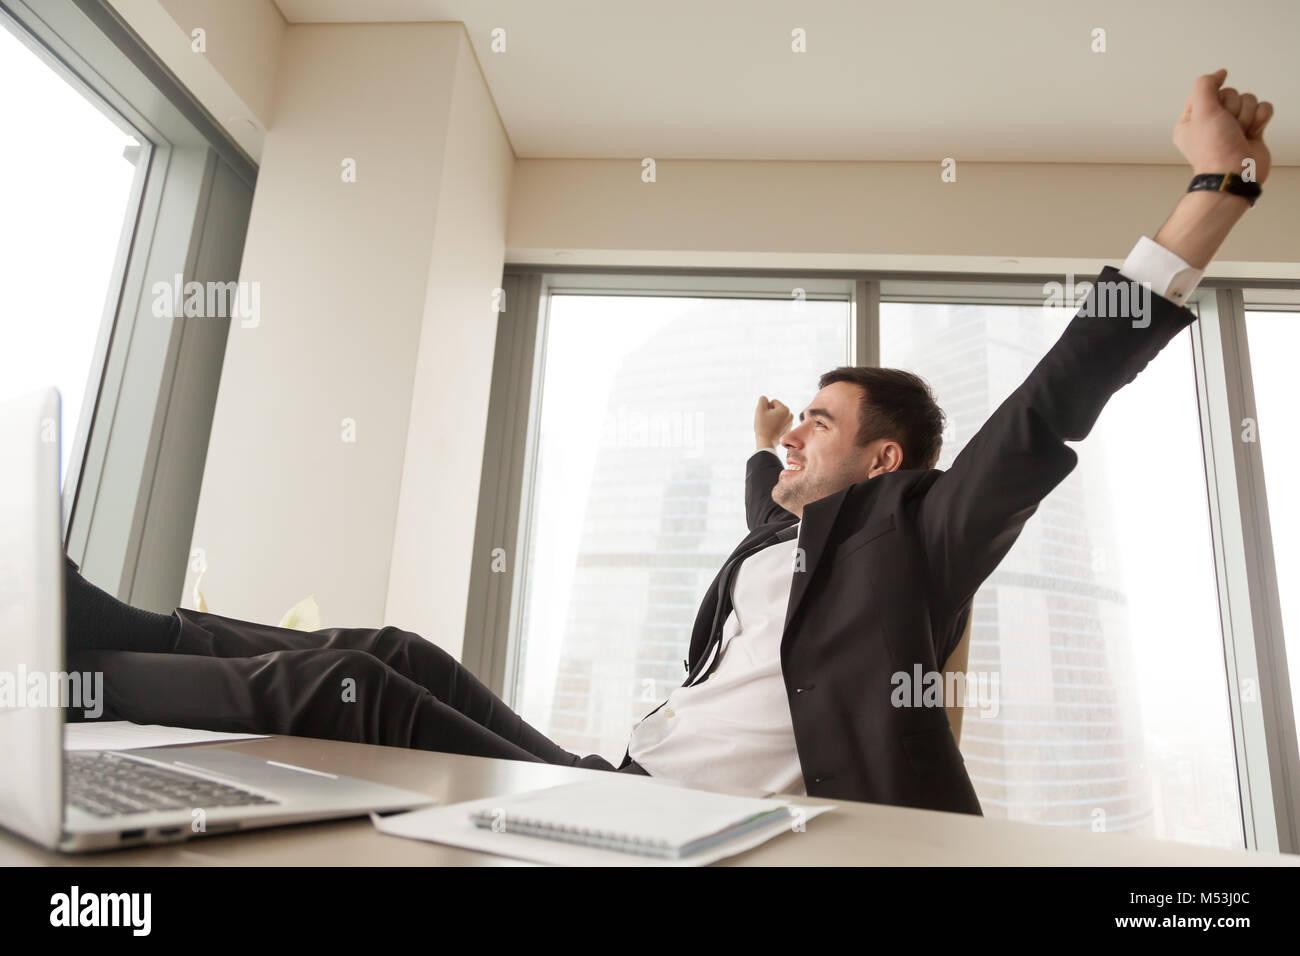 Entrepreneur taking short break during work day - Stock Image